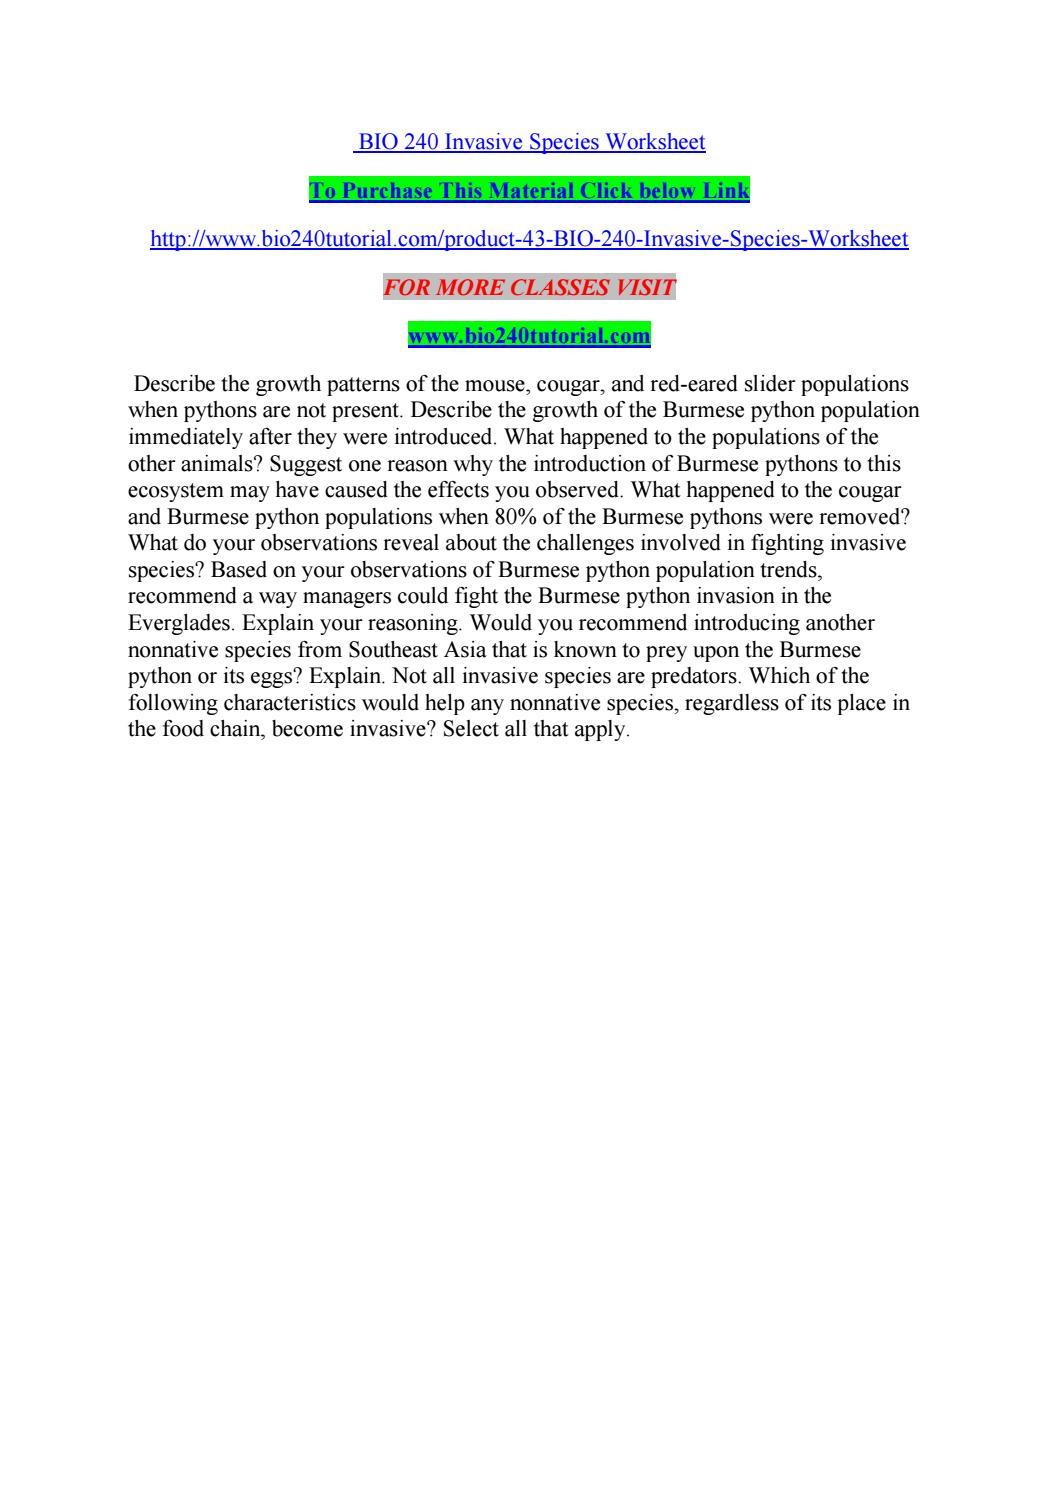 Free Worksheet Invasive Species Worksheet invasive species worksheet delibertad bio 240 by kelvinmanase02 page 1 issuu